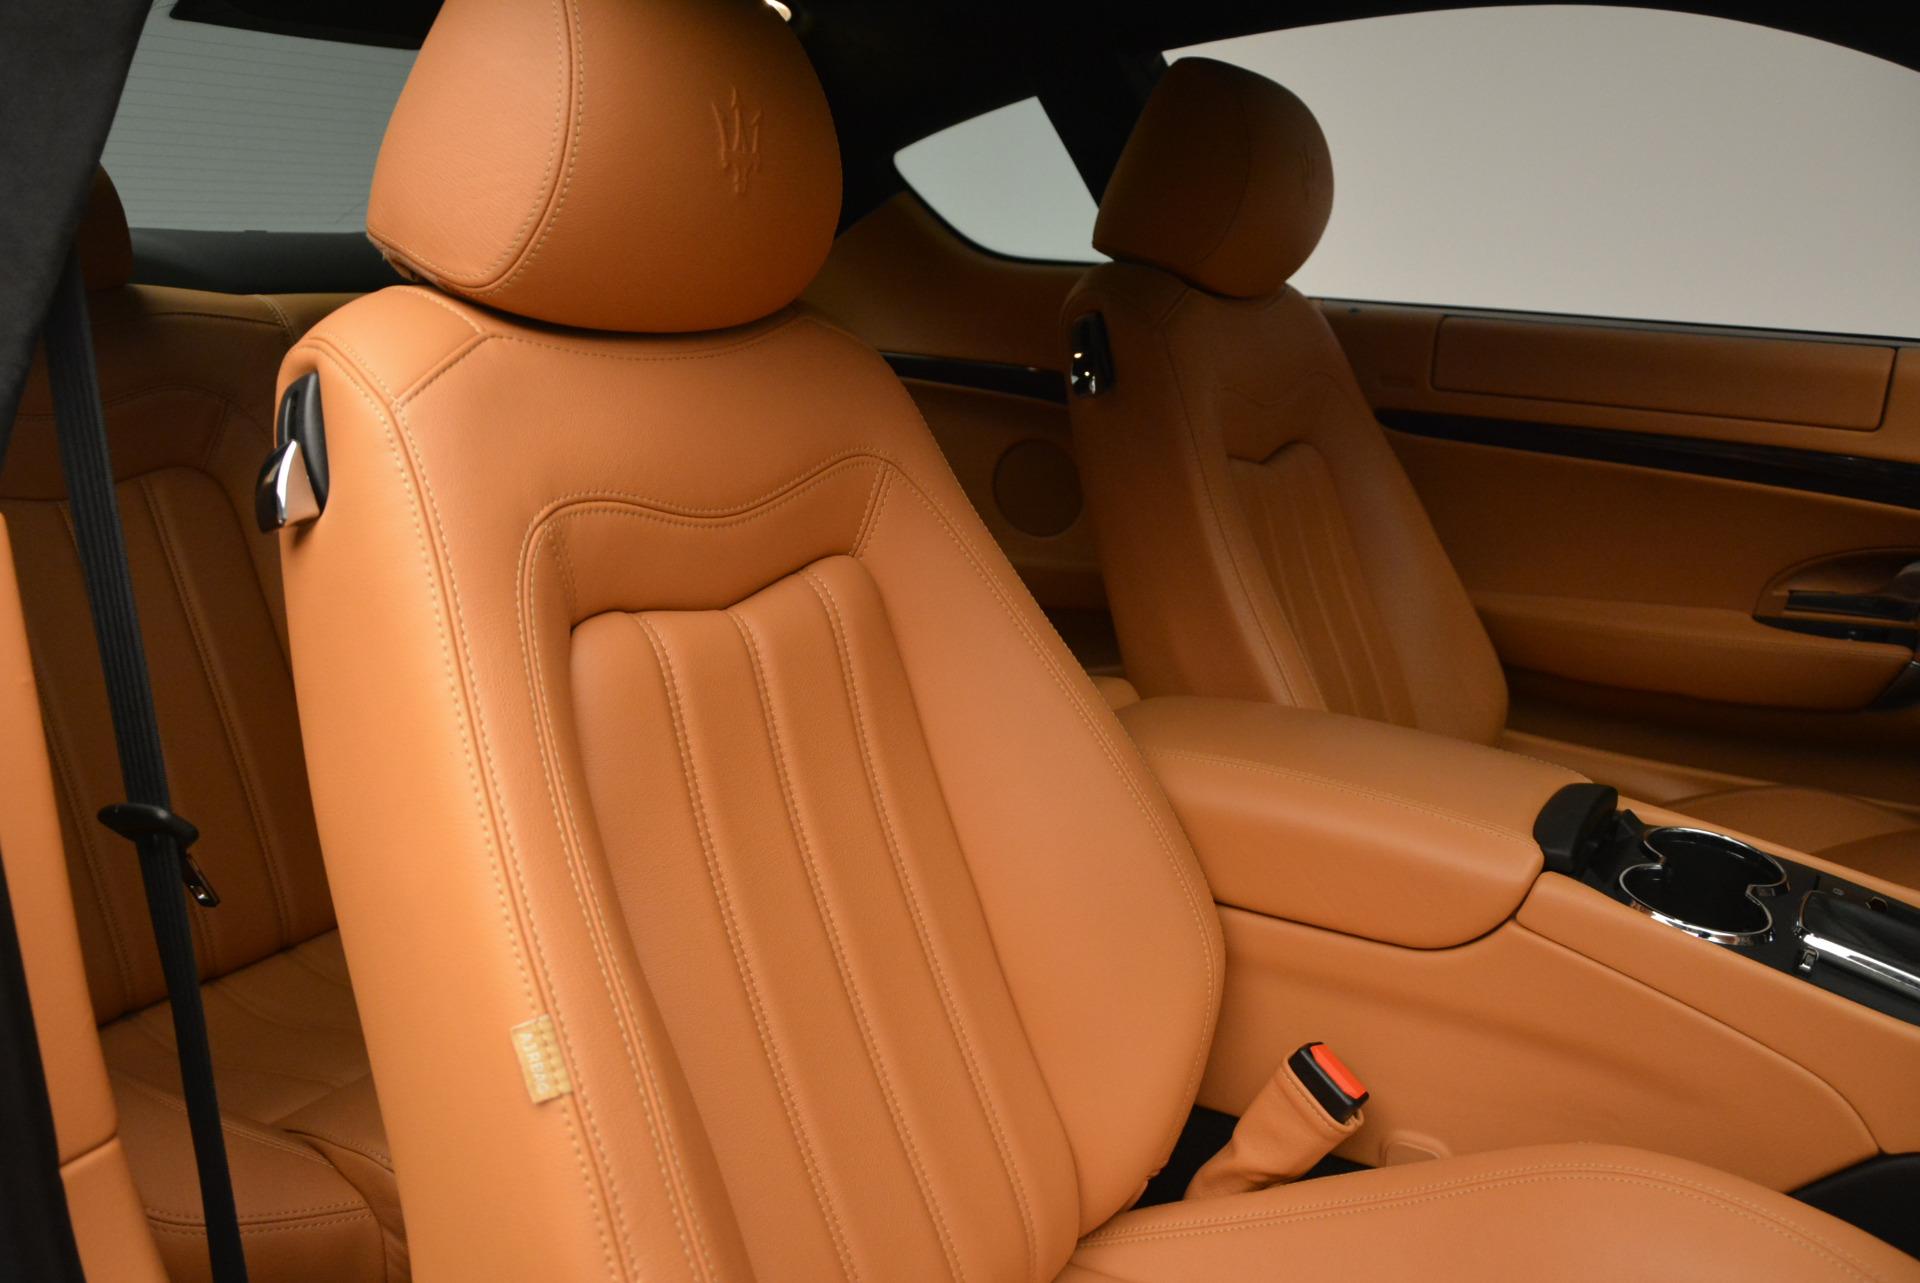 Used 2011 Maserati GranTurismo  For Sale In Greenwich, CT. Alfa Romeo of Greenwich, 7128 816_p20